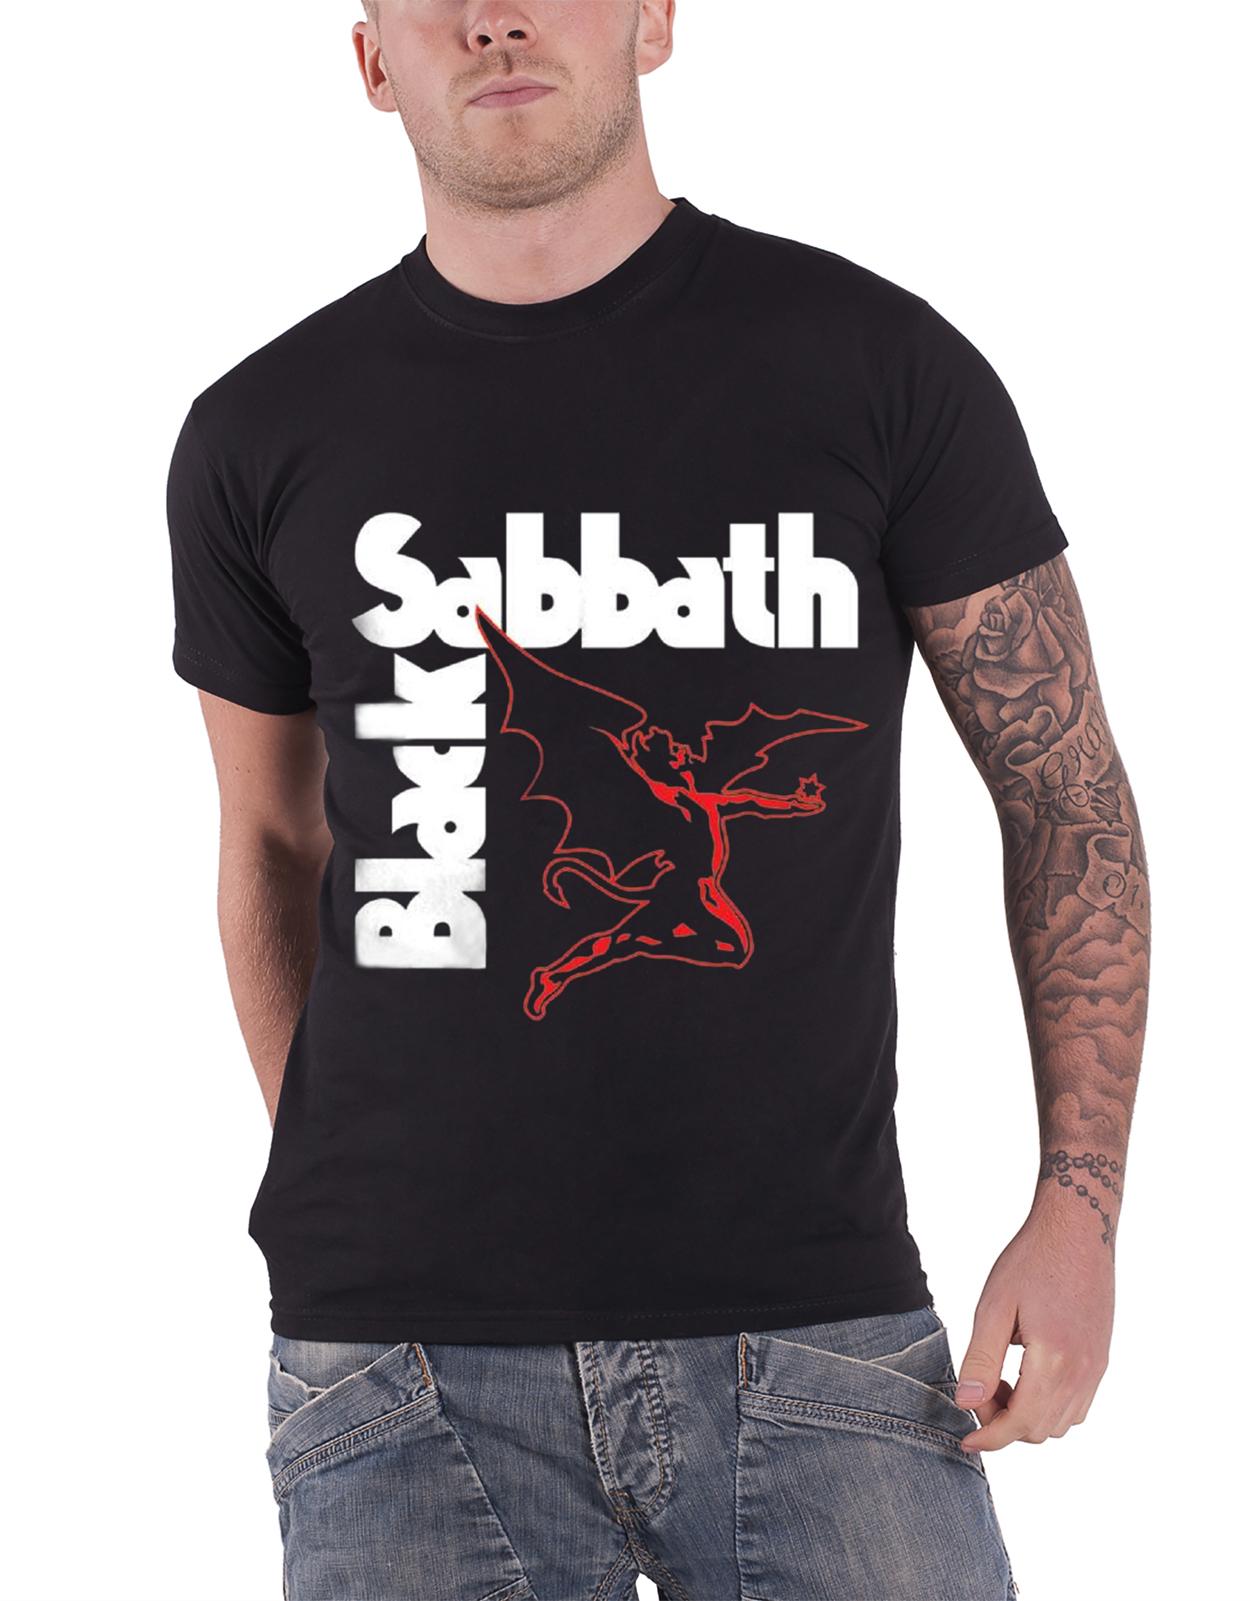 Black sabbath t shirt xxl - Black Sabbath T Shirt Us Tour 78 Band